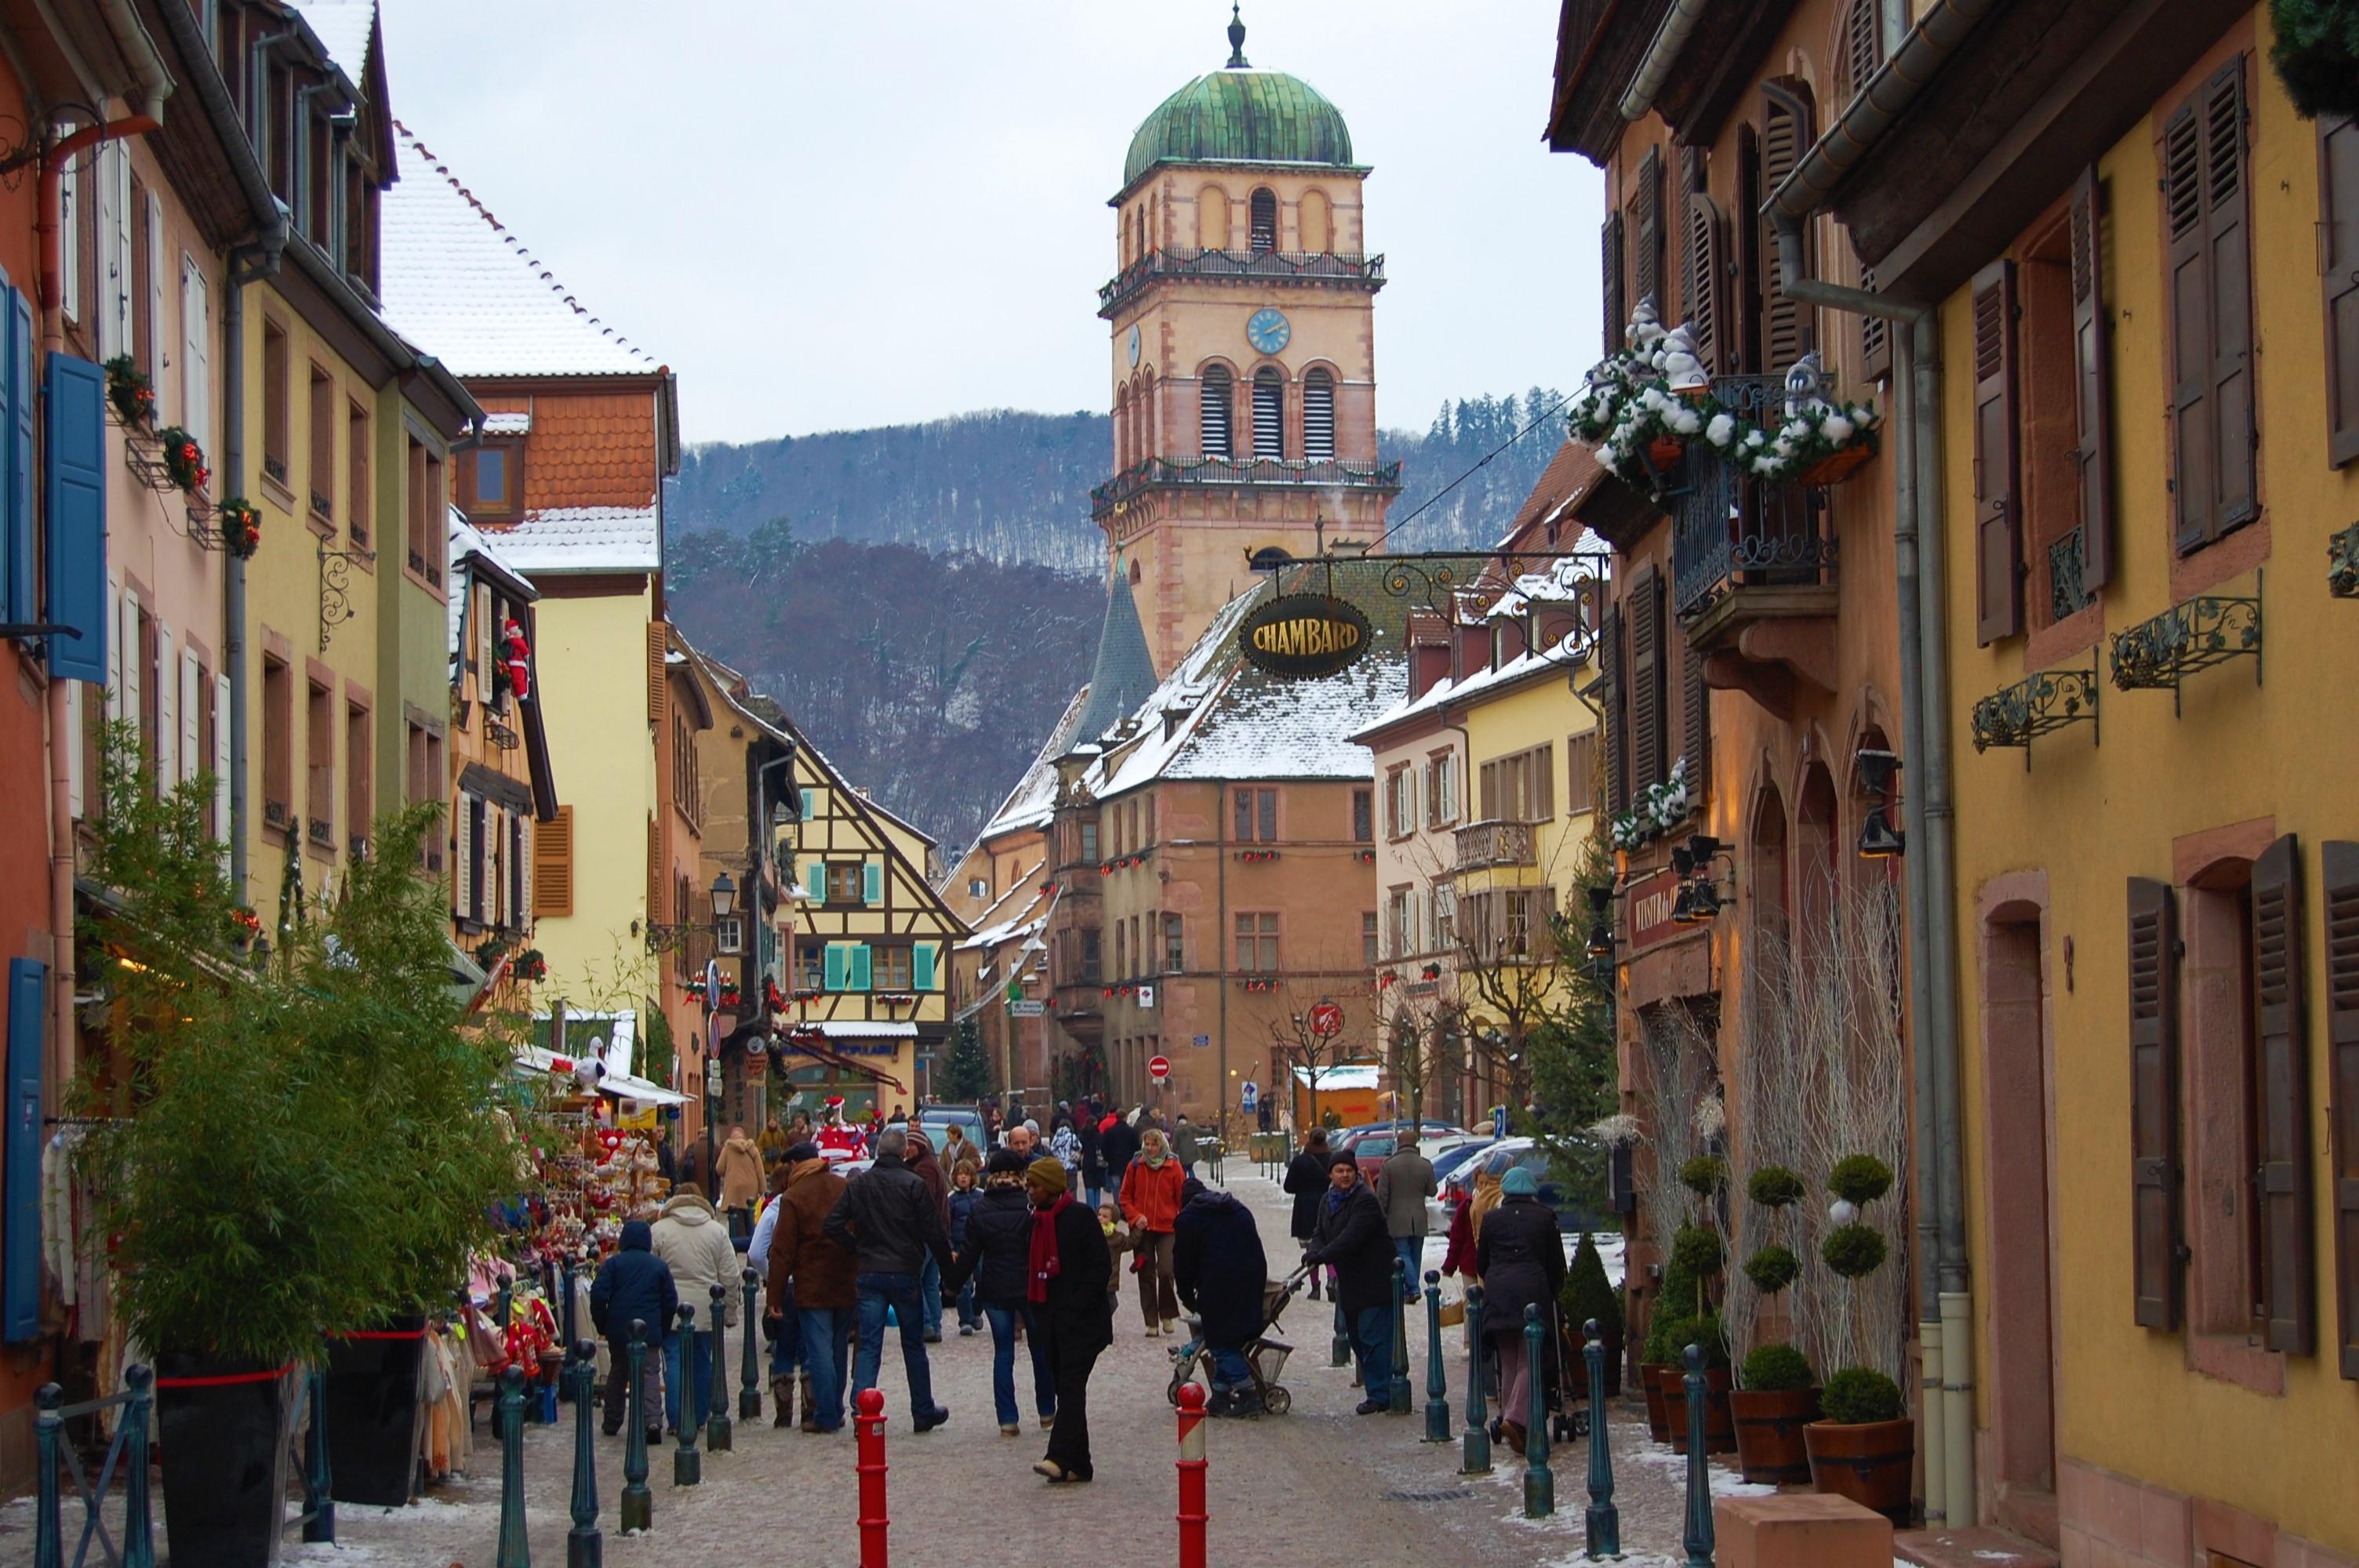 クリスマス前に訪れたい!アルザスの可愛い村~Kayserbergカイゼルブルグ~